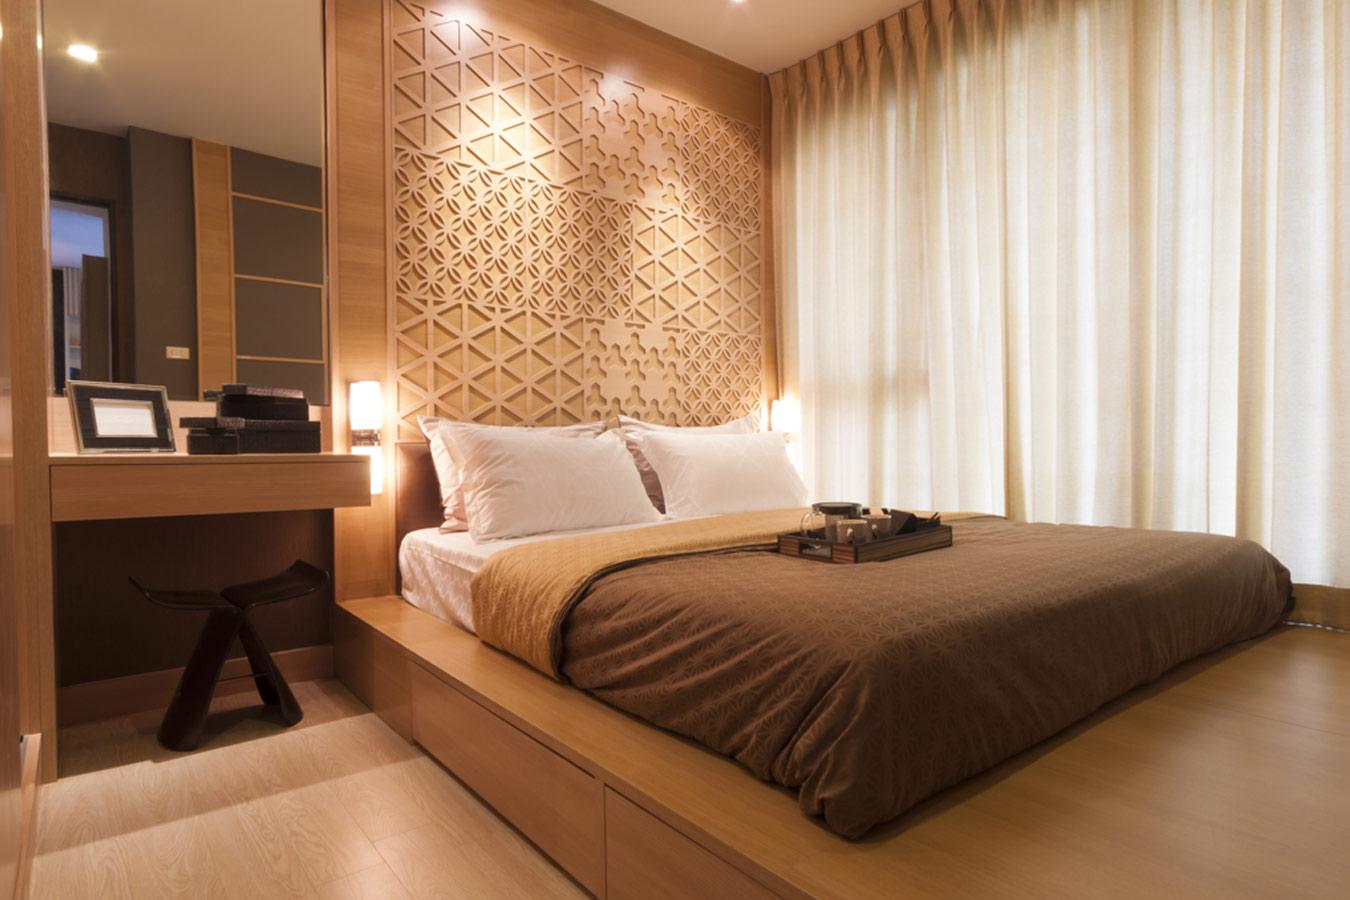 Landelijke slaapkamer  Idee u00ebn  u0026 inspiratie